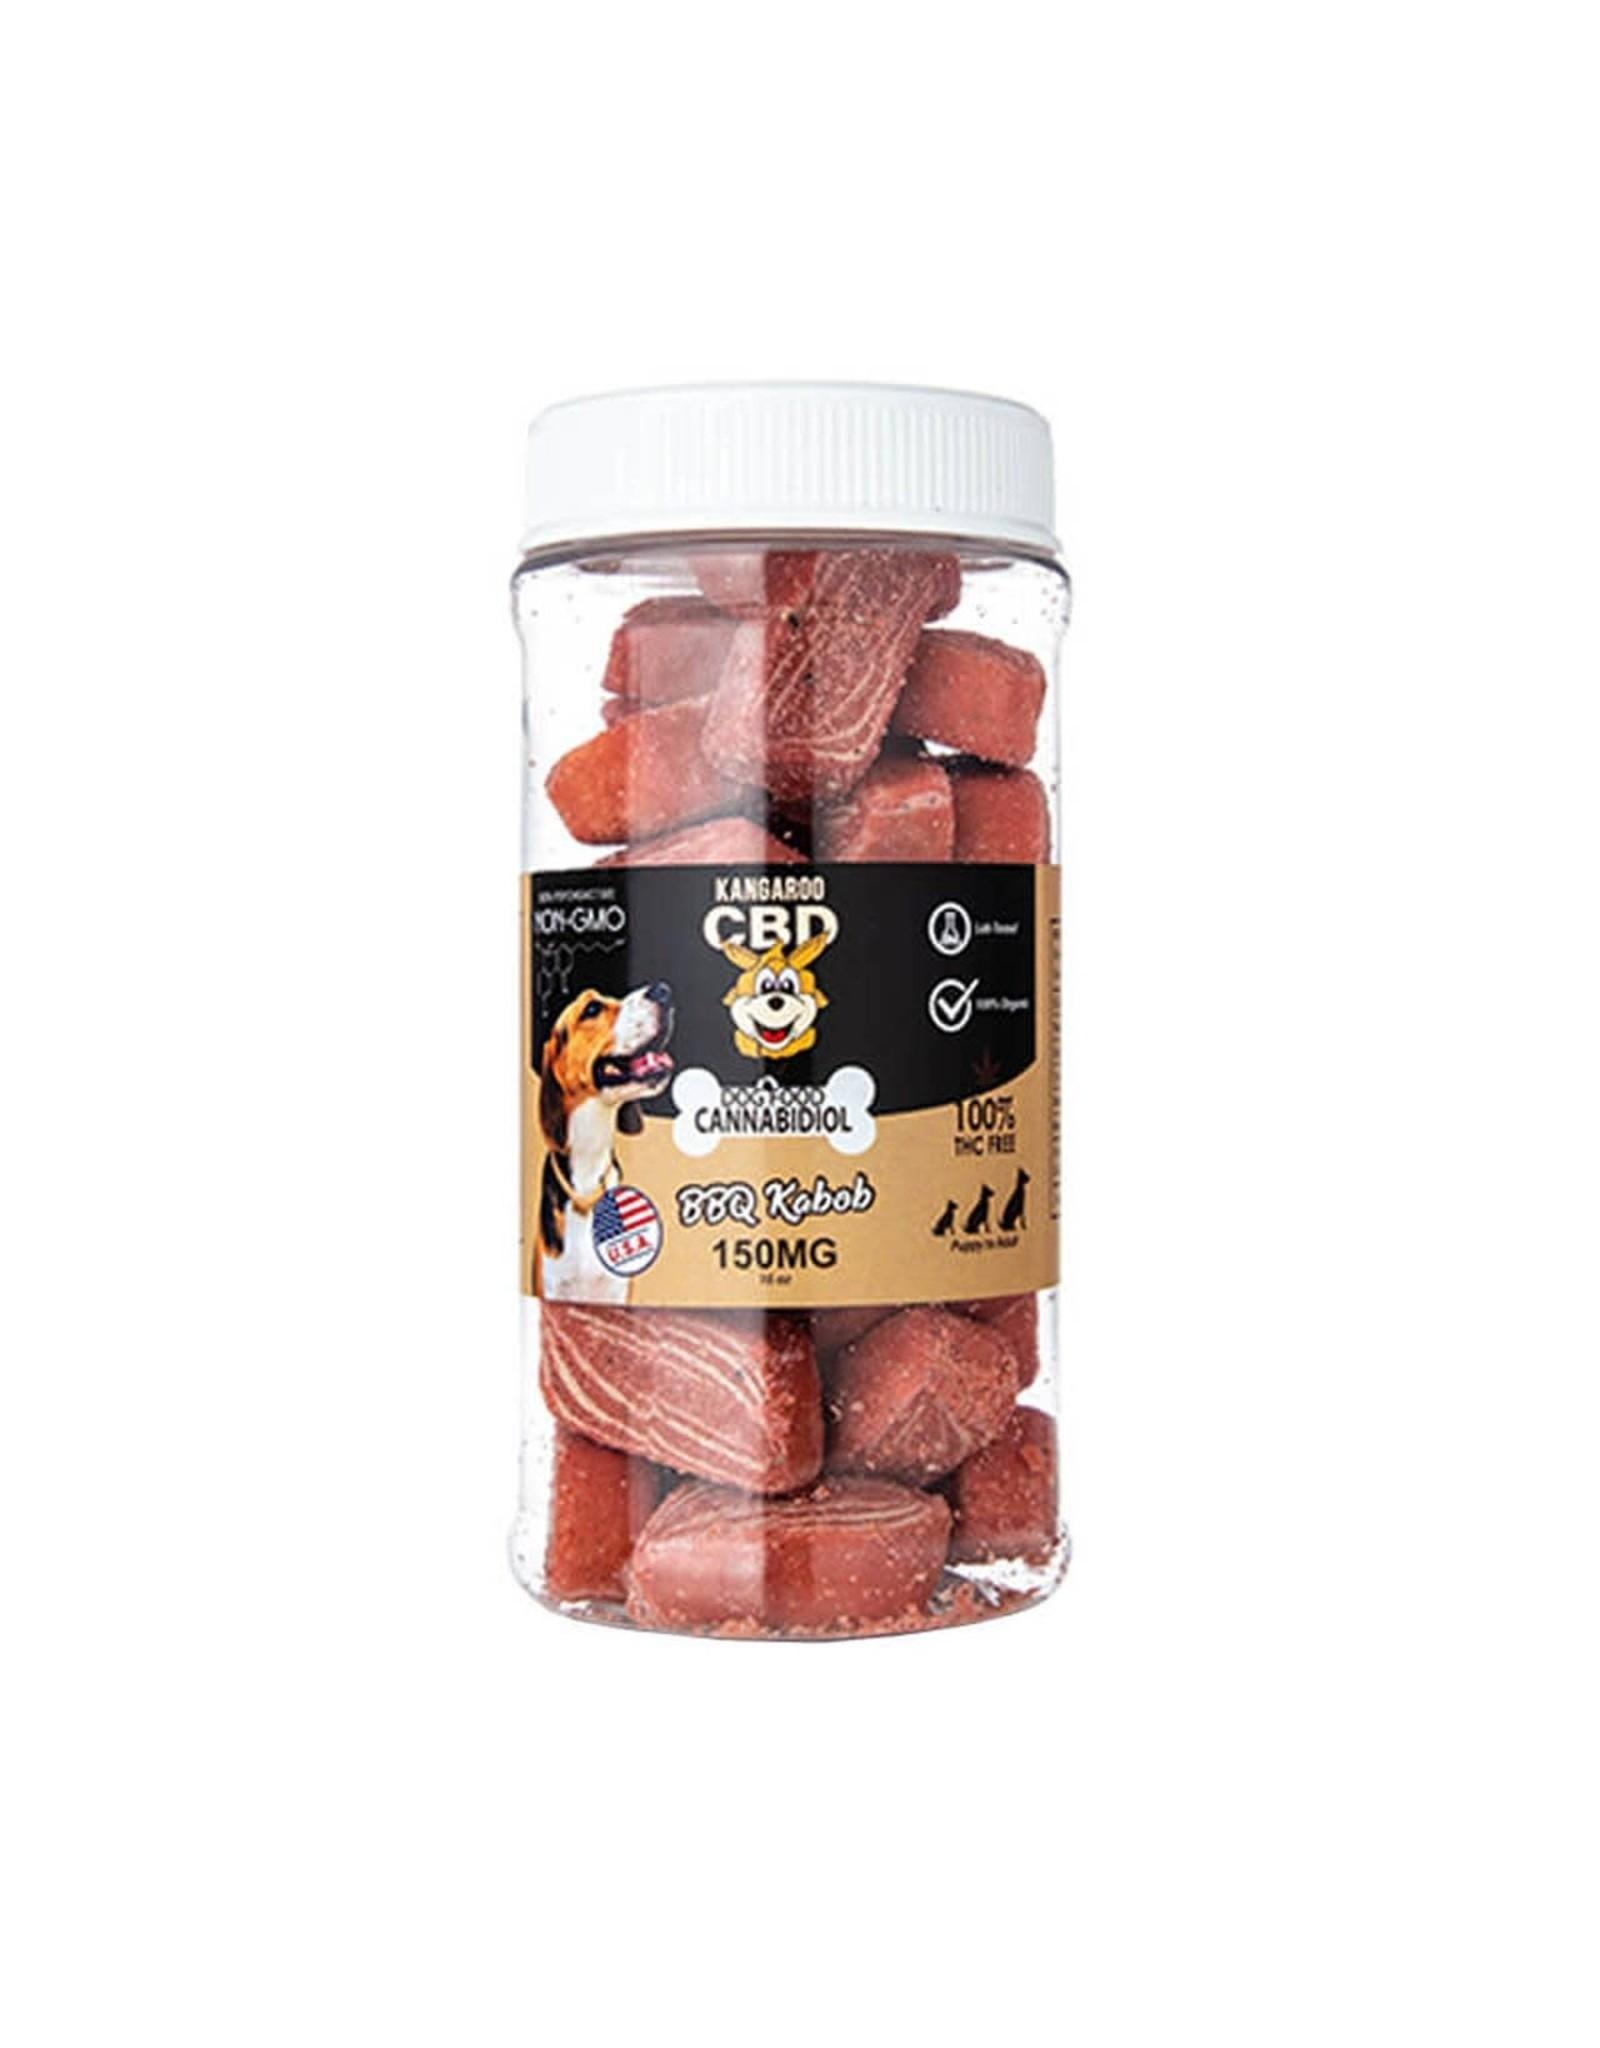 Kangaroo CBD Kangaroo CBD Pet Treats BBQ Kabob  150mg 16oz